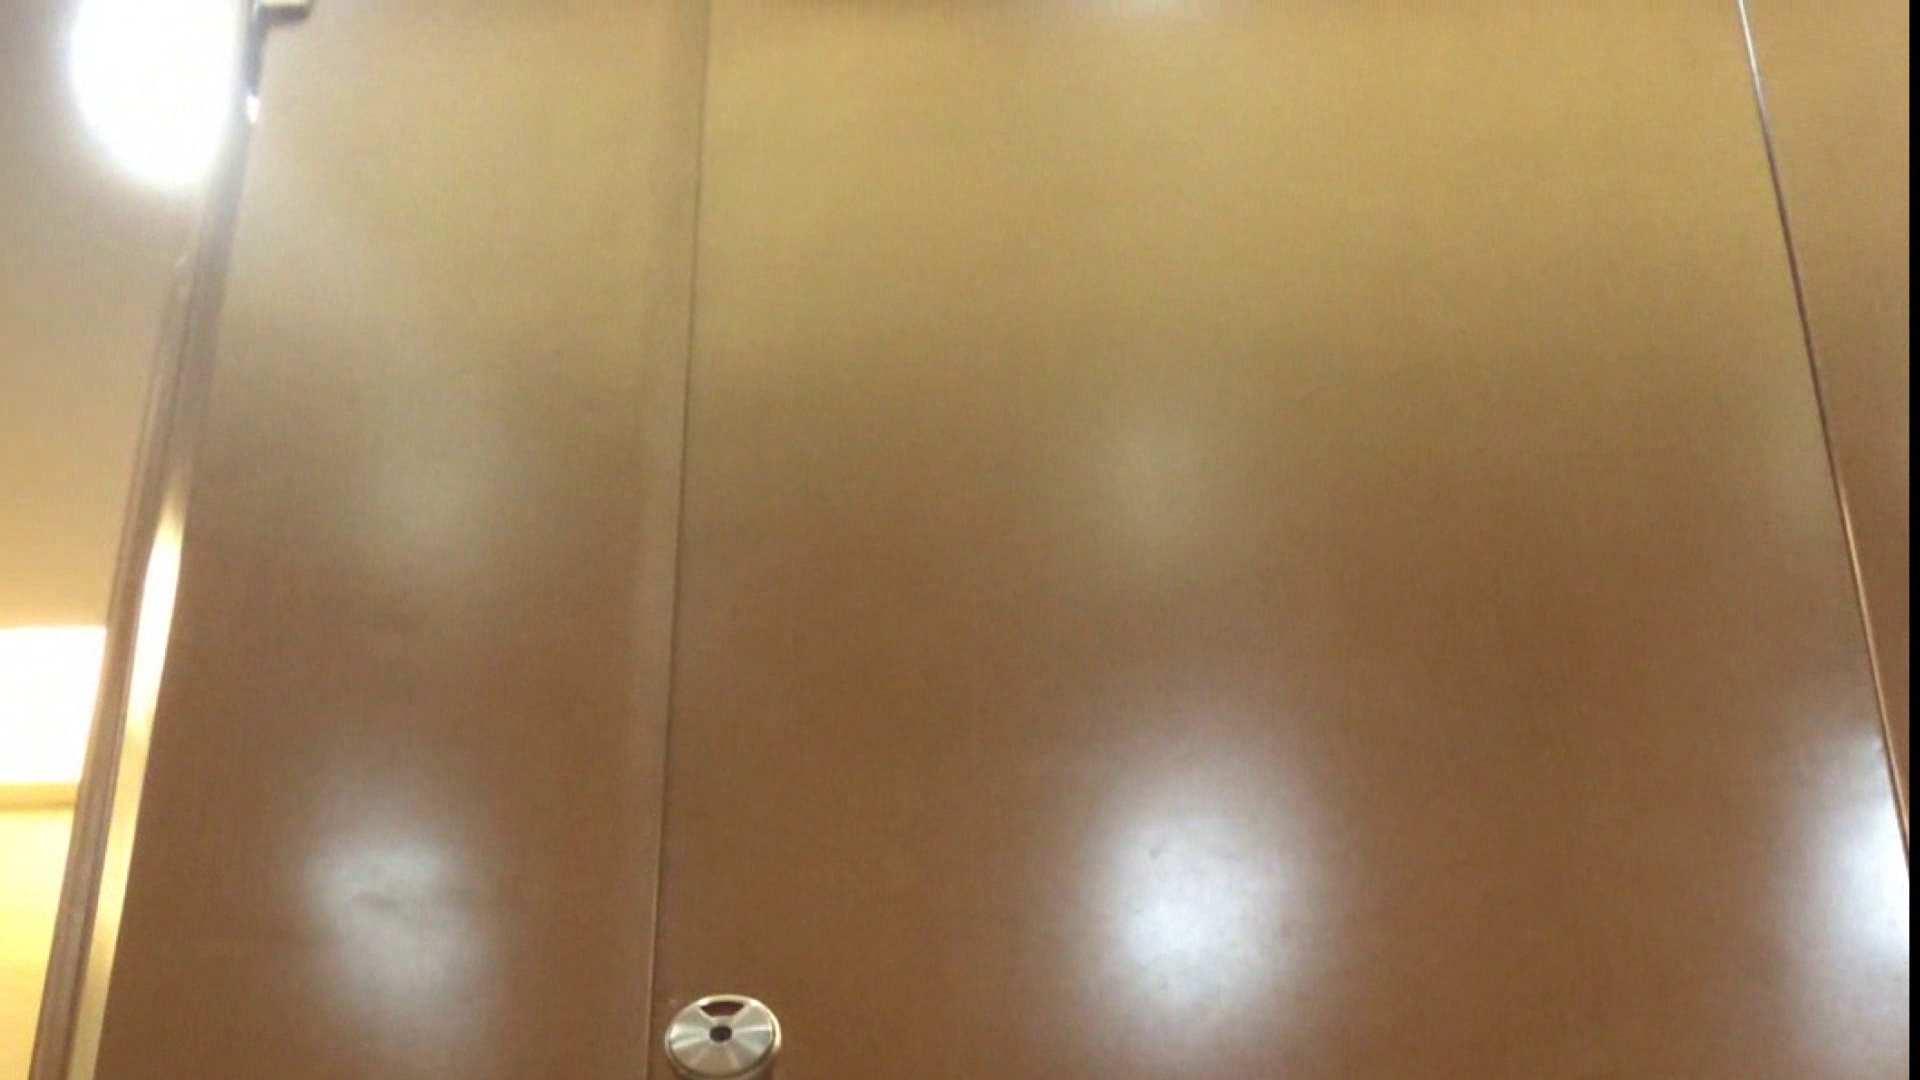 「噂」の国の厠観察日記2 Vol.01 人気シリーズ  51画像 6